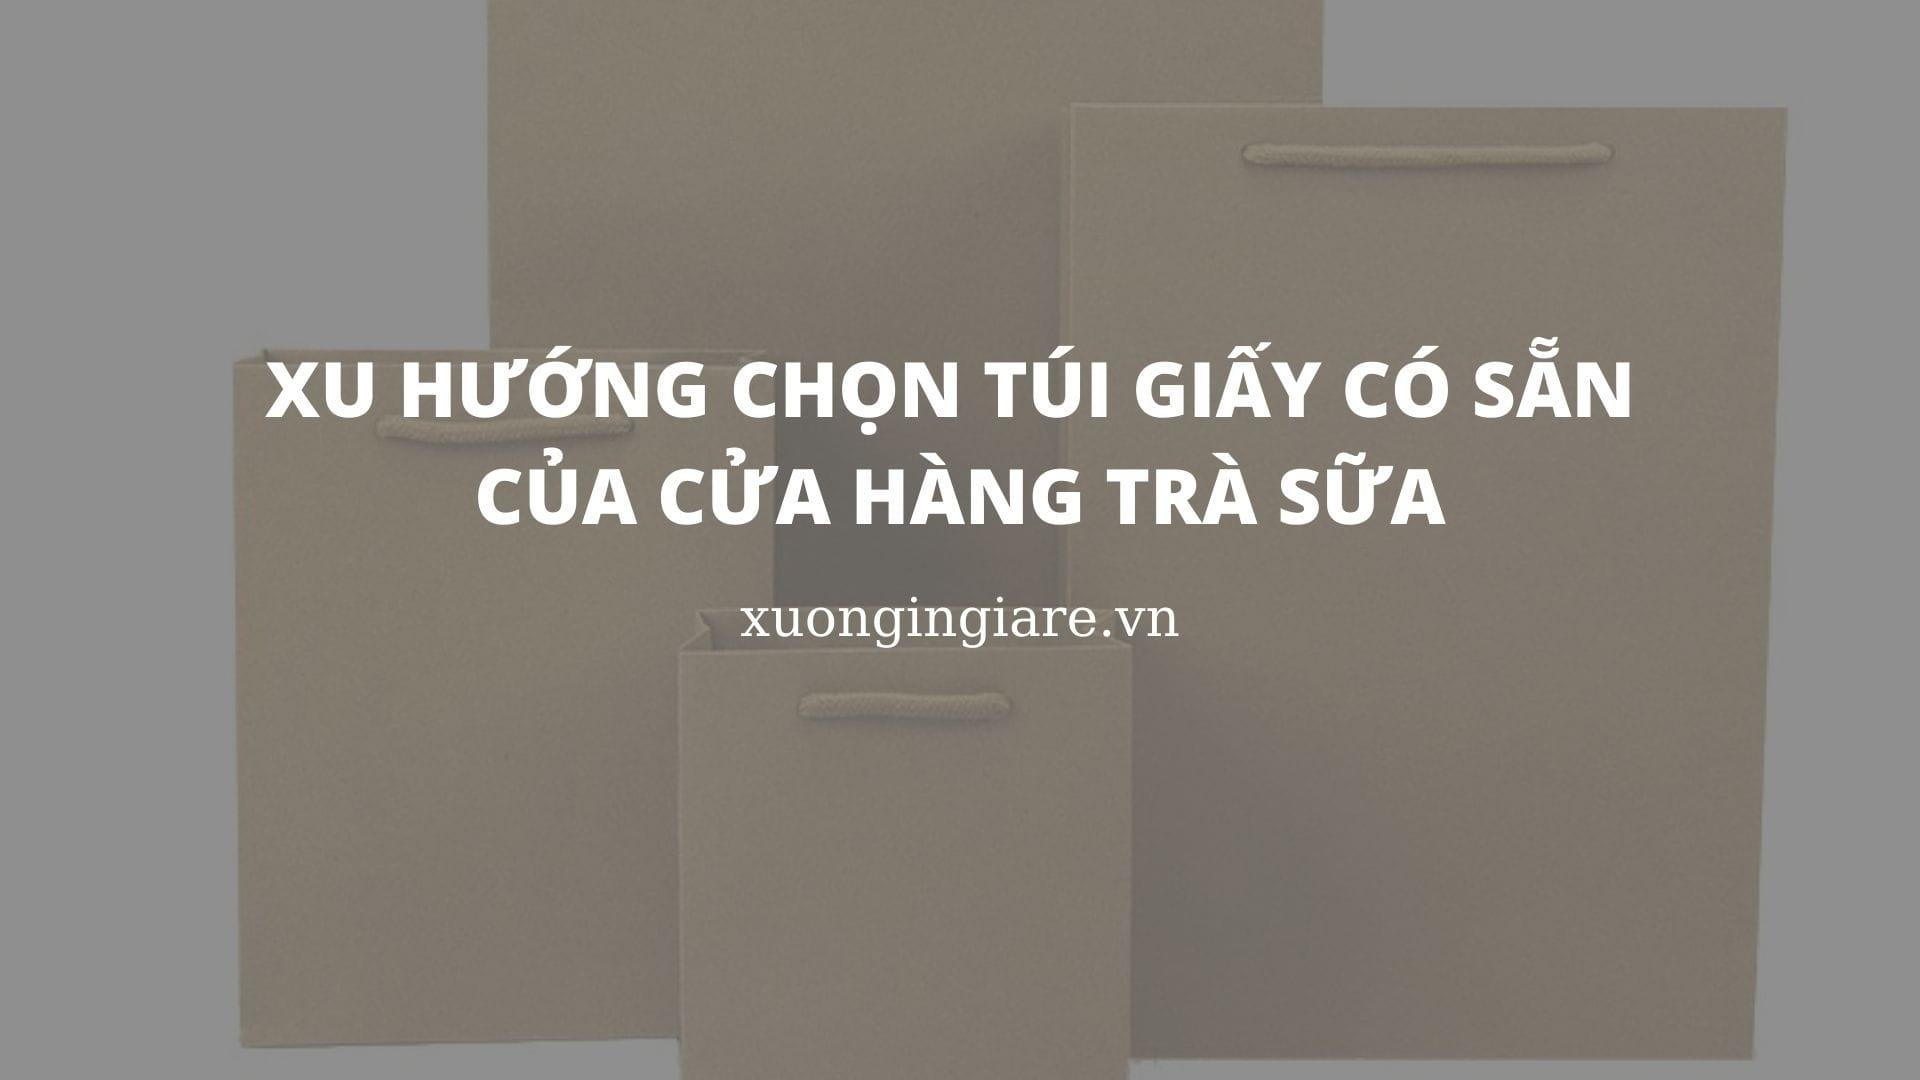 xu-huong-chon-tui-giay-co-san- cua-cua-hang-tra-sua